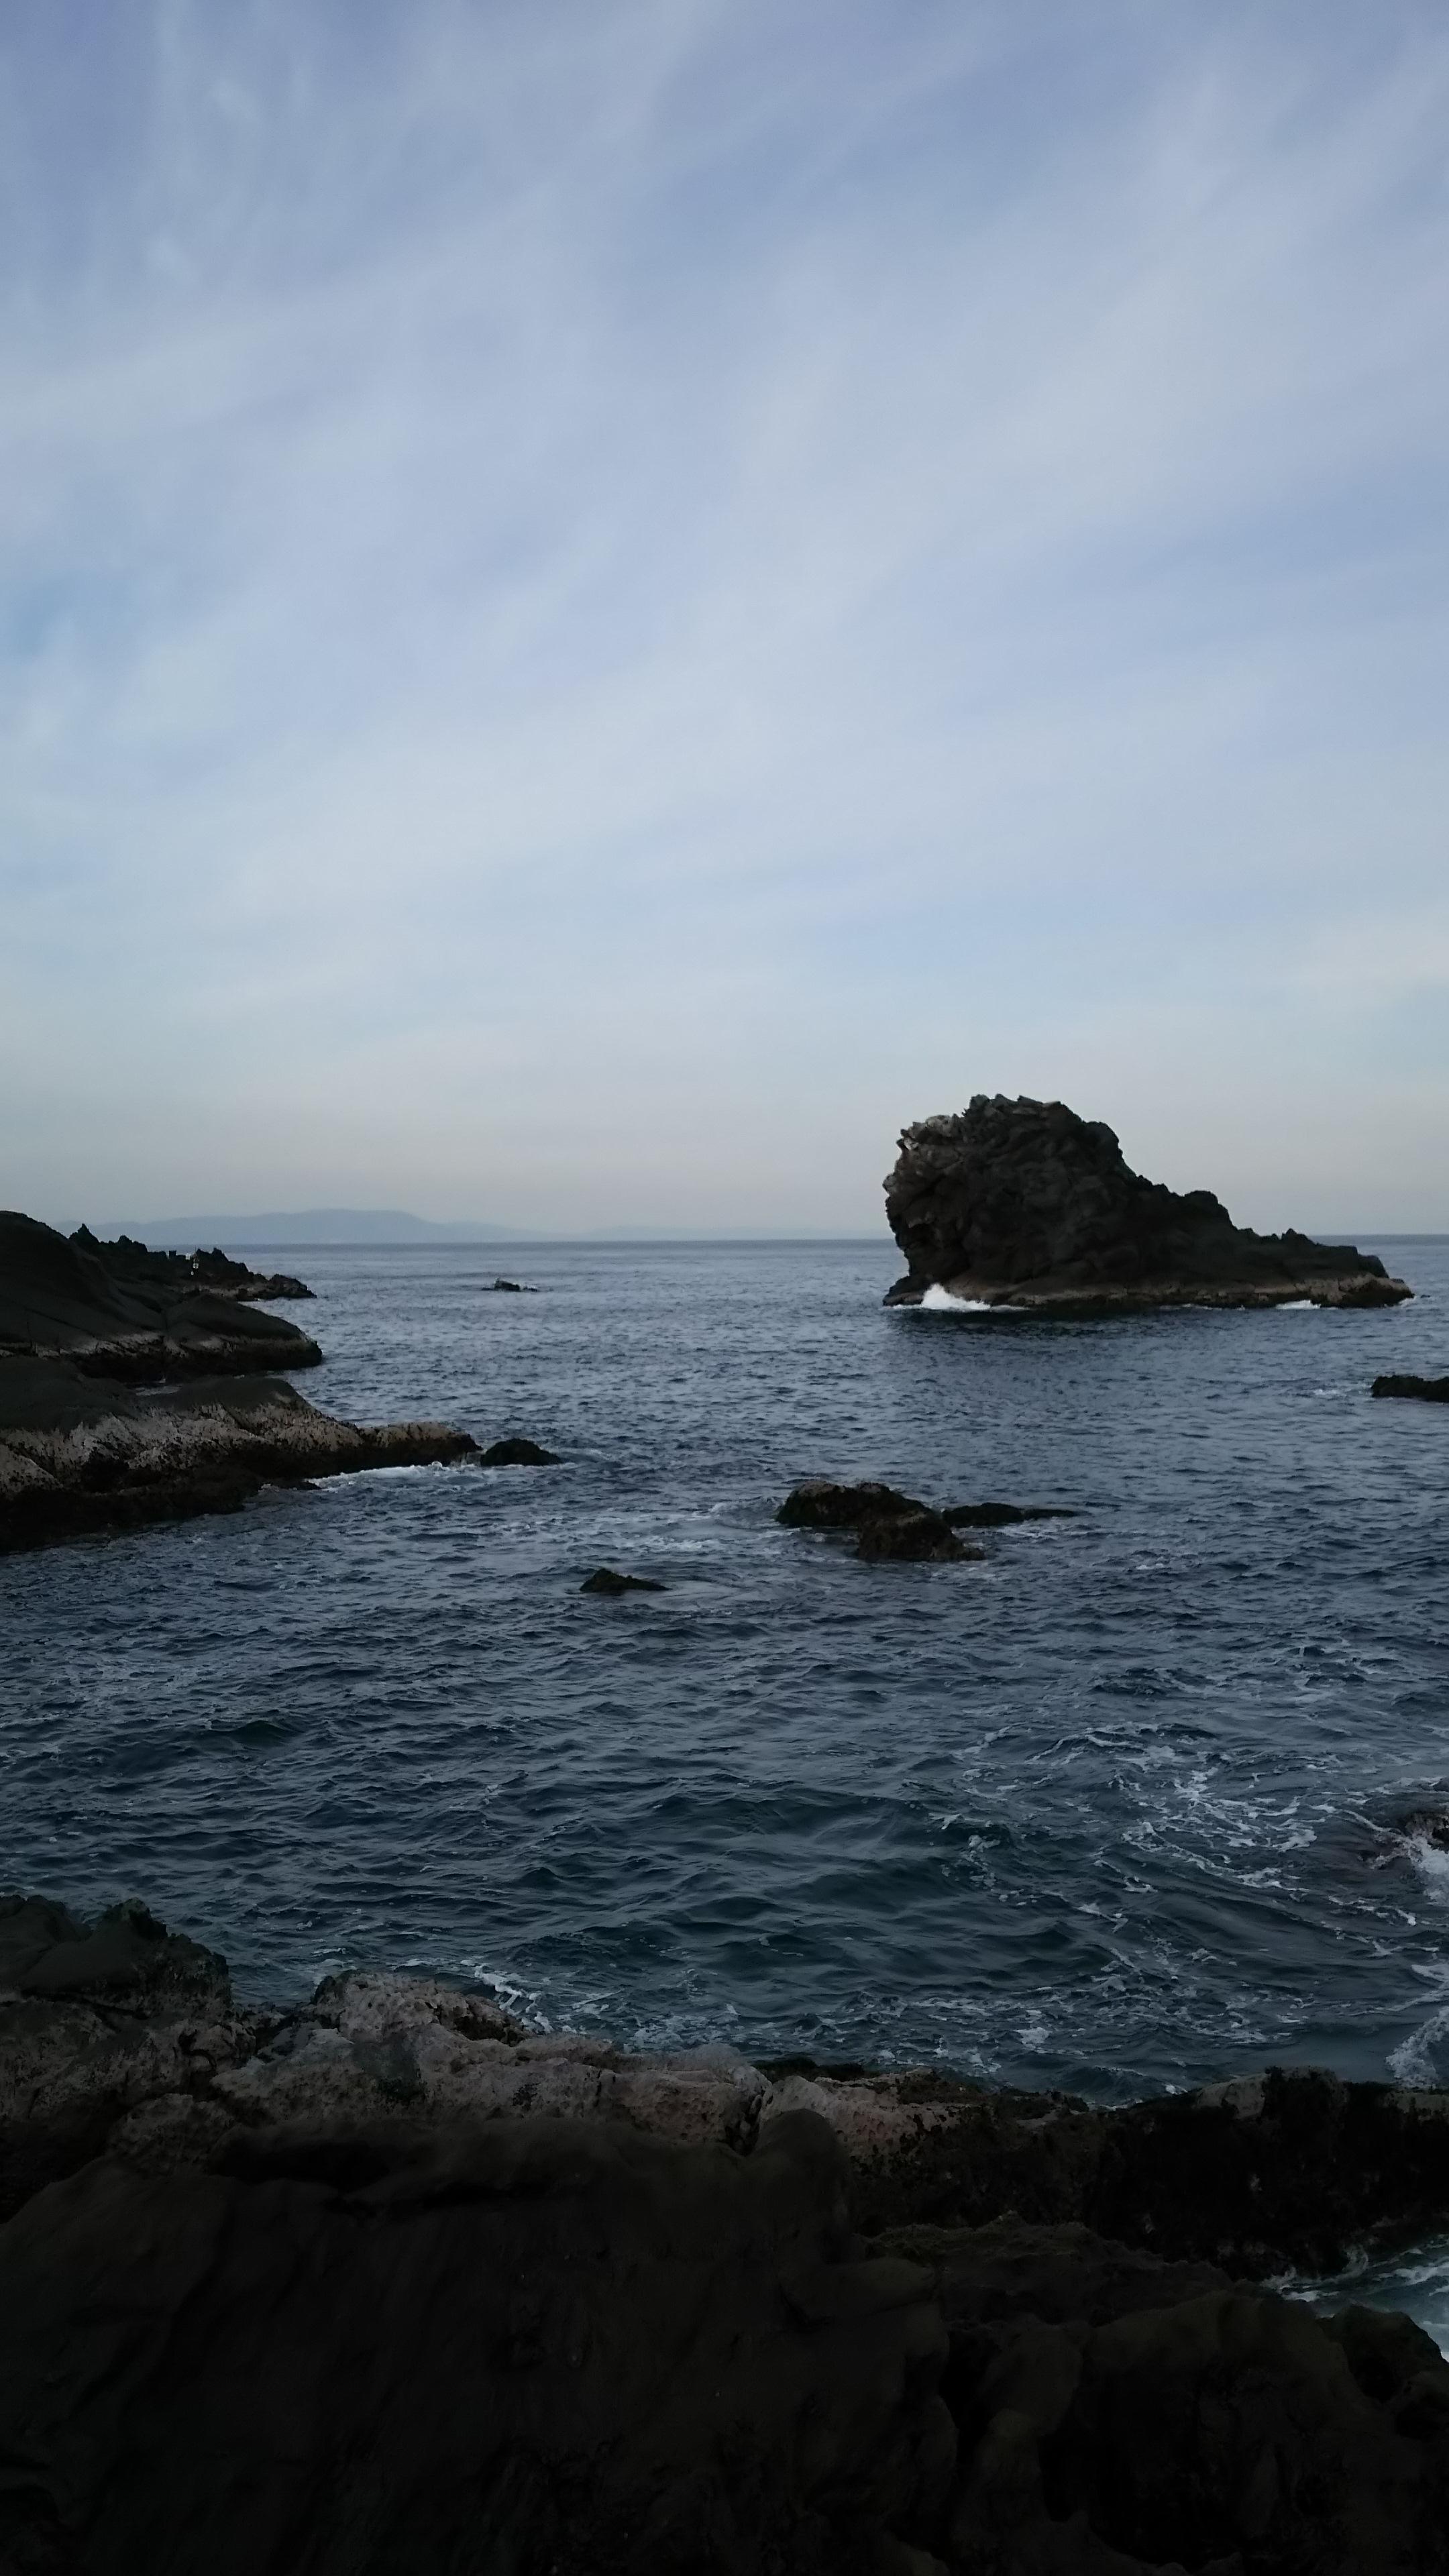 青物好調!萩沖、相島の磯